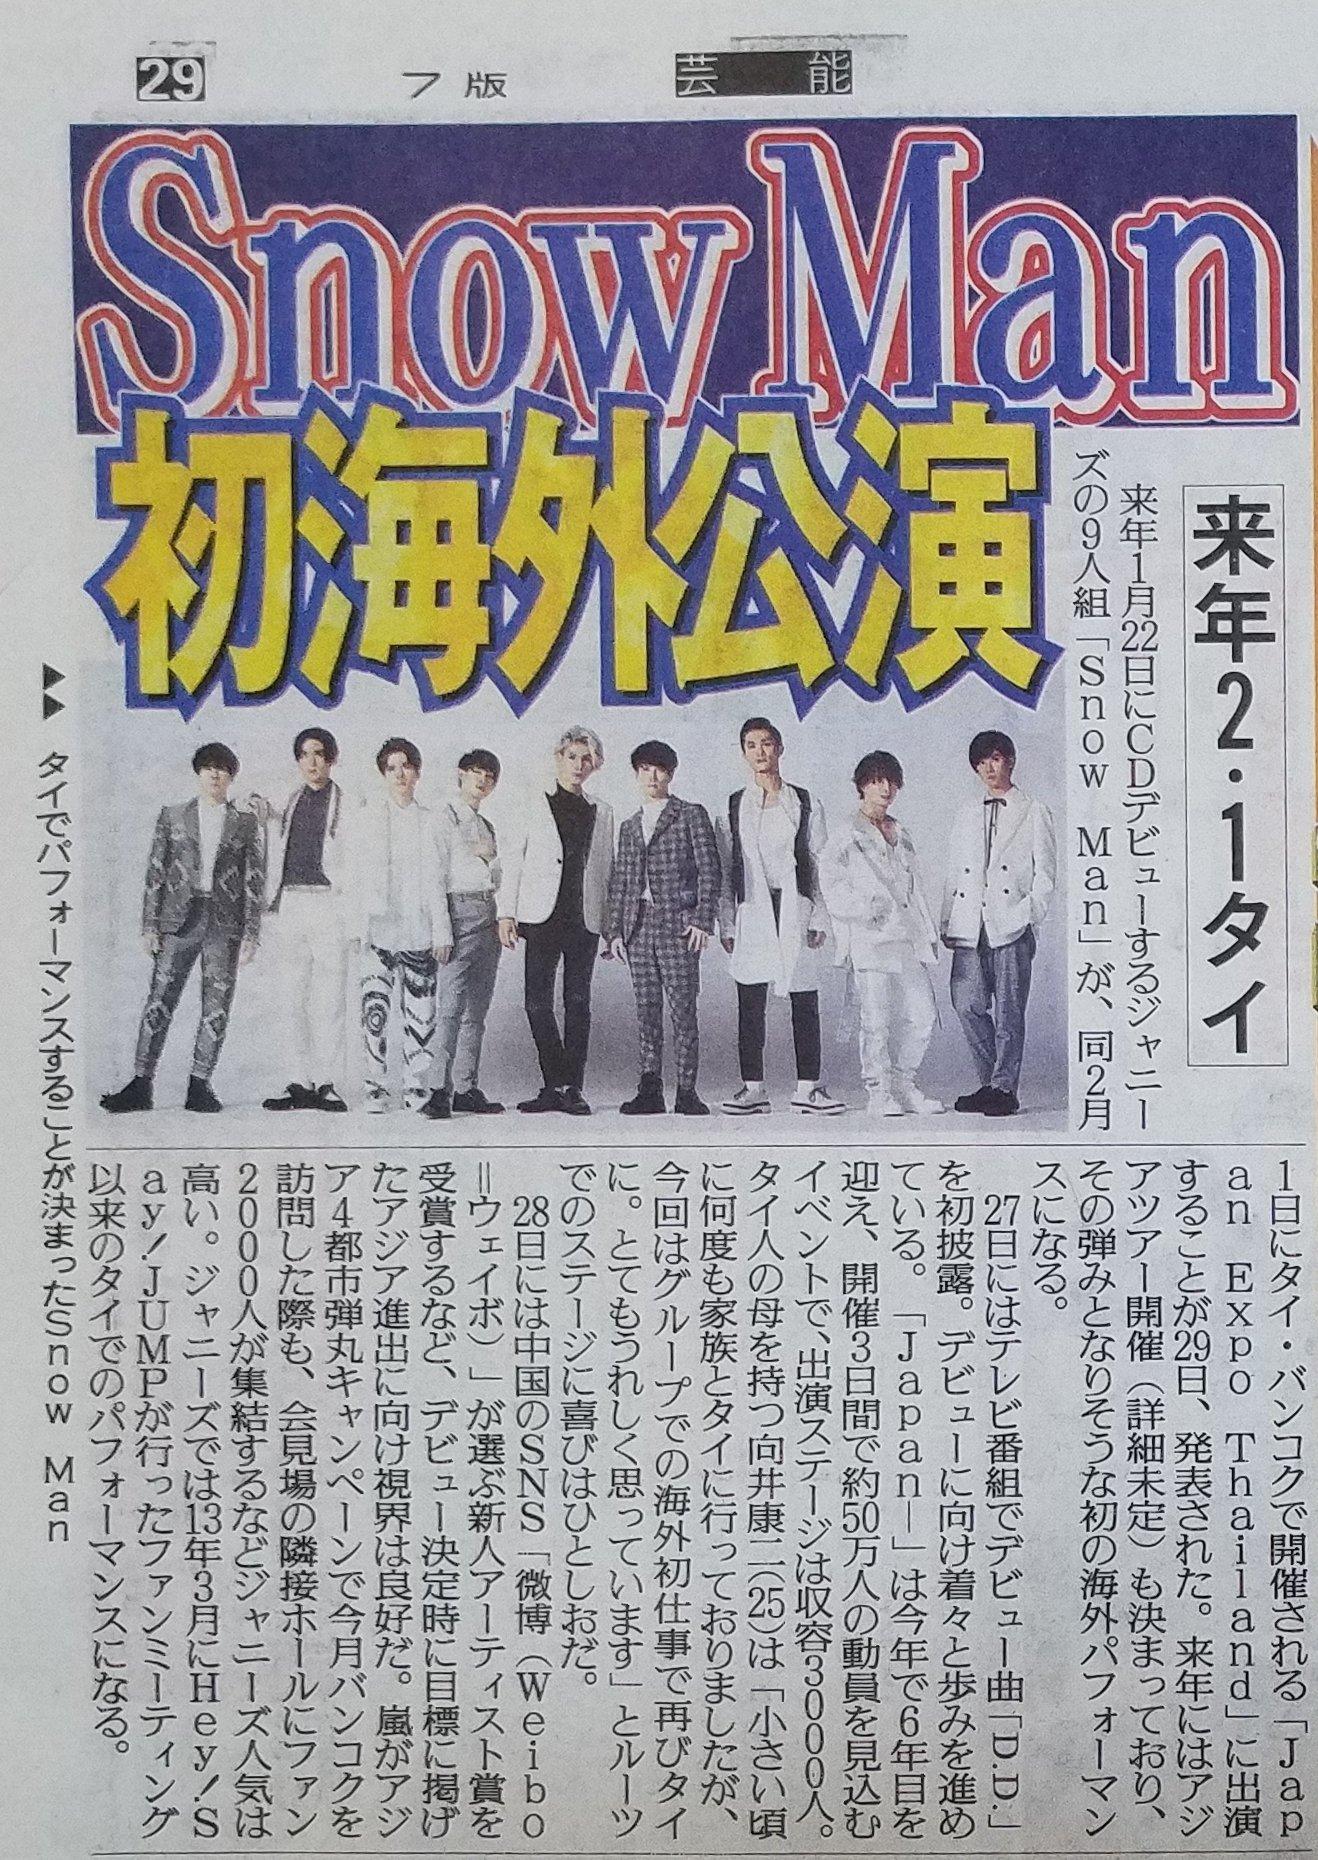 来年1月22日にCDデビューするジャニーズの「Snow Man」が、同2月1日にタイ・バンコクで開催される「Japan Expo Thailand」に出演することが発表された。来年にはアジアツアー開催(詳細未定)も決まっており、その弾みとなりそうな初の海外パフォーマンスになる。《スポーツ報知》